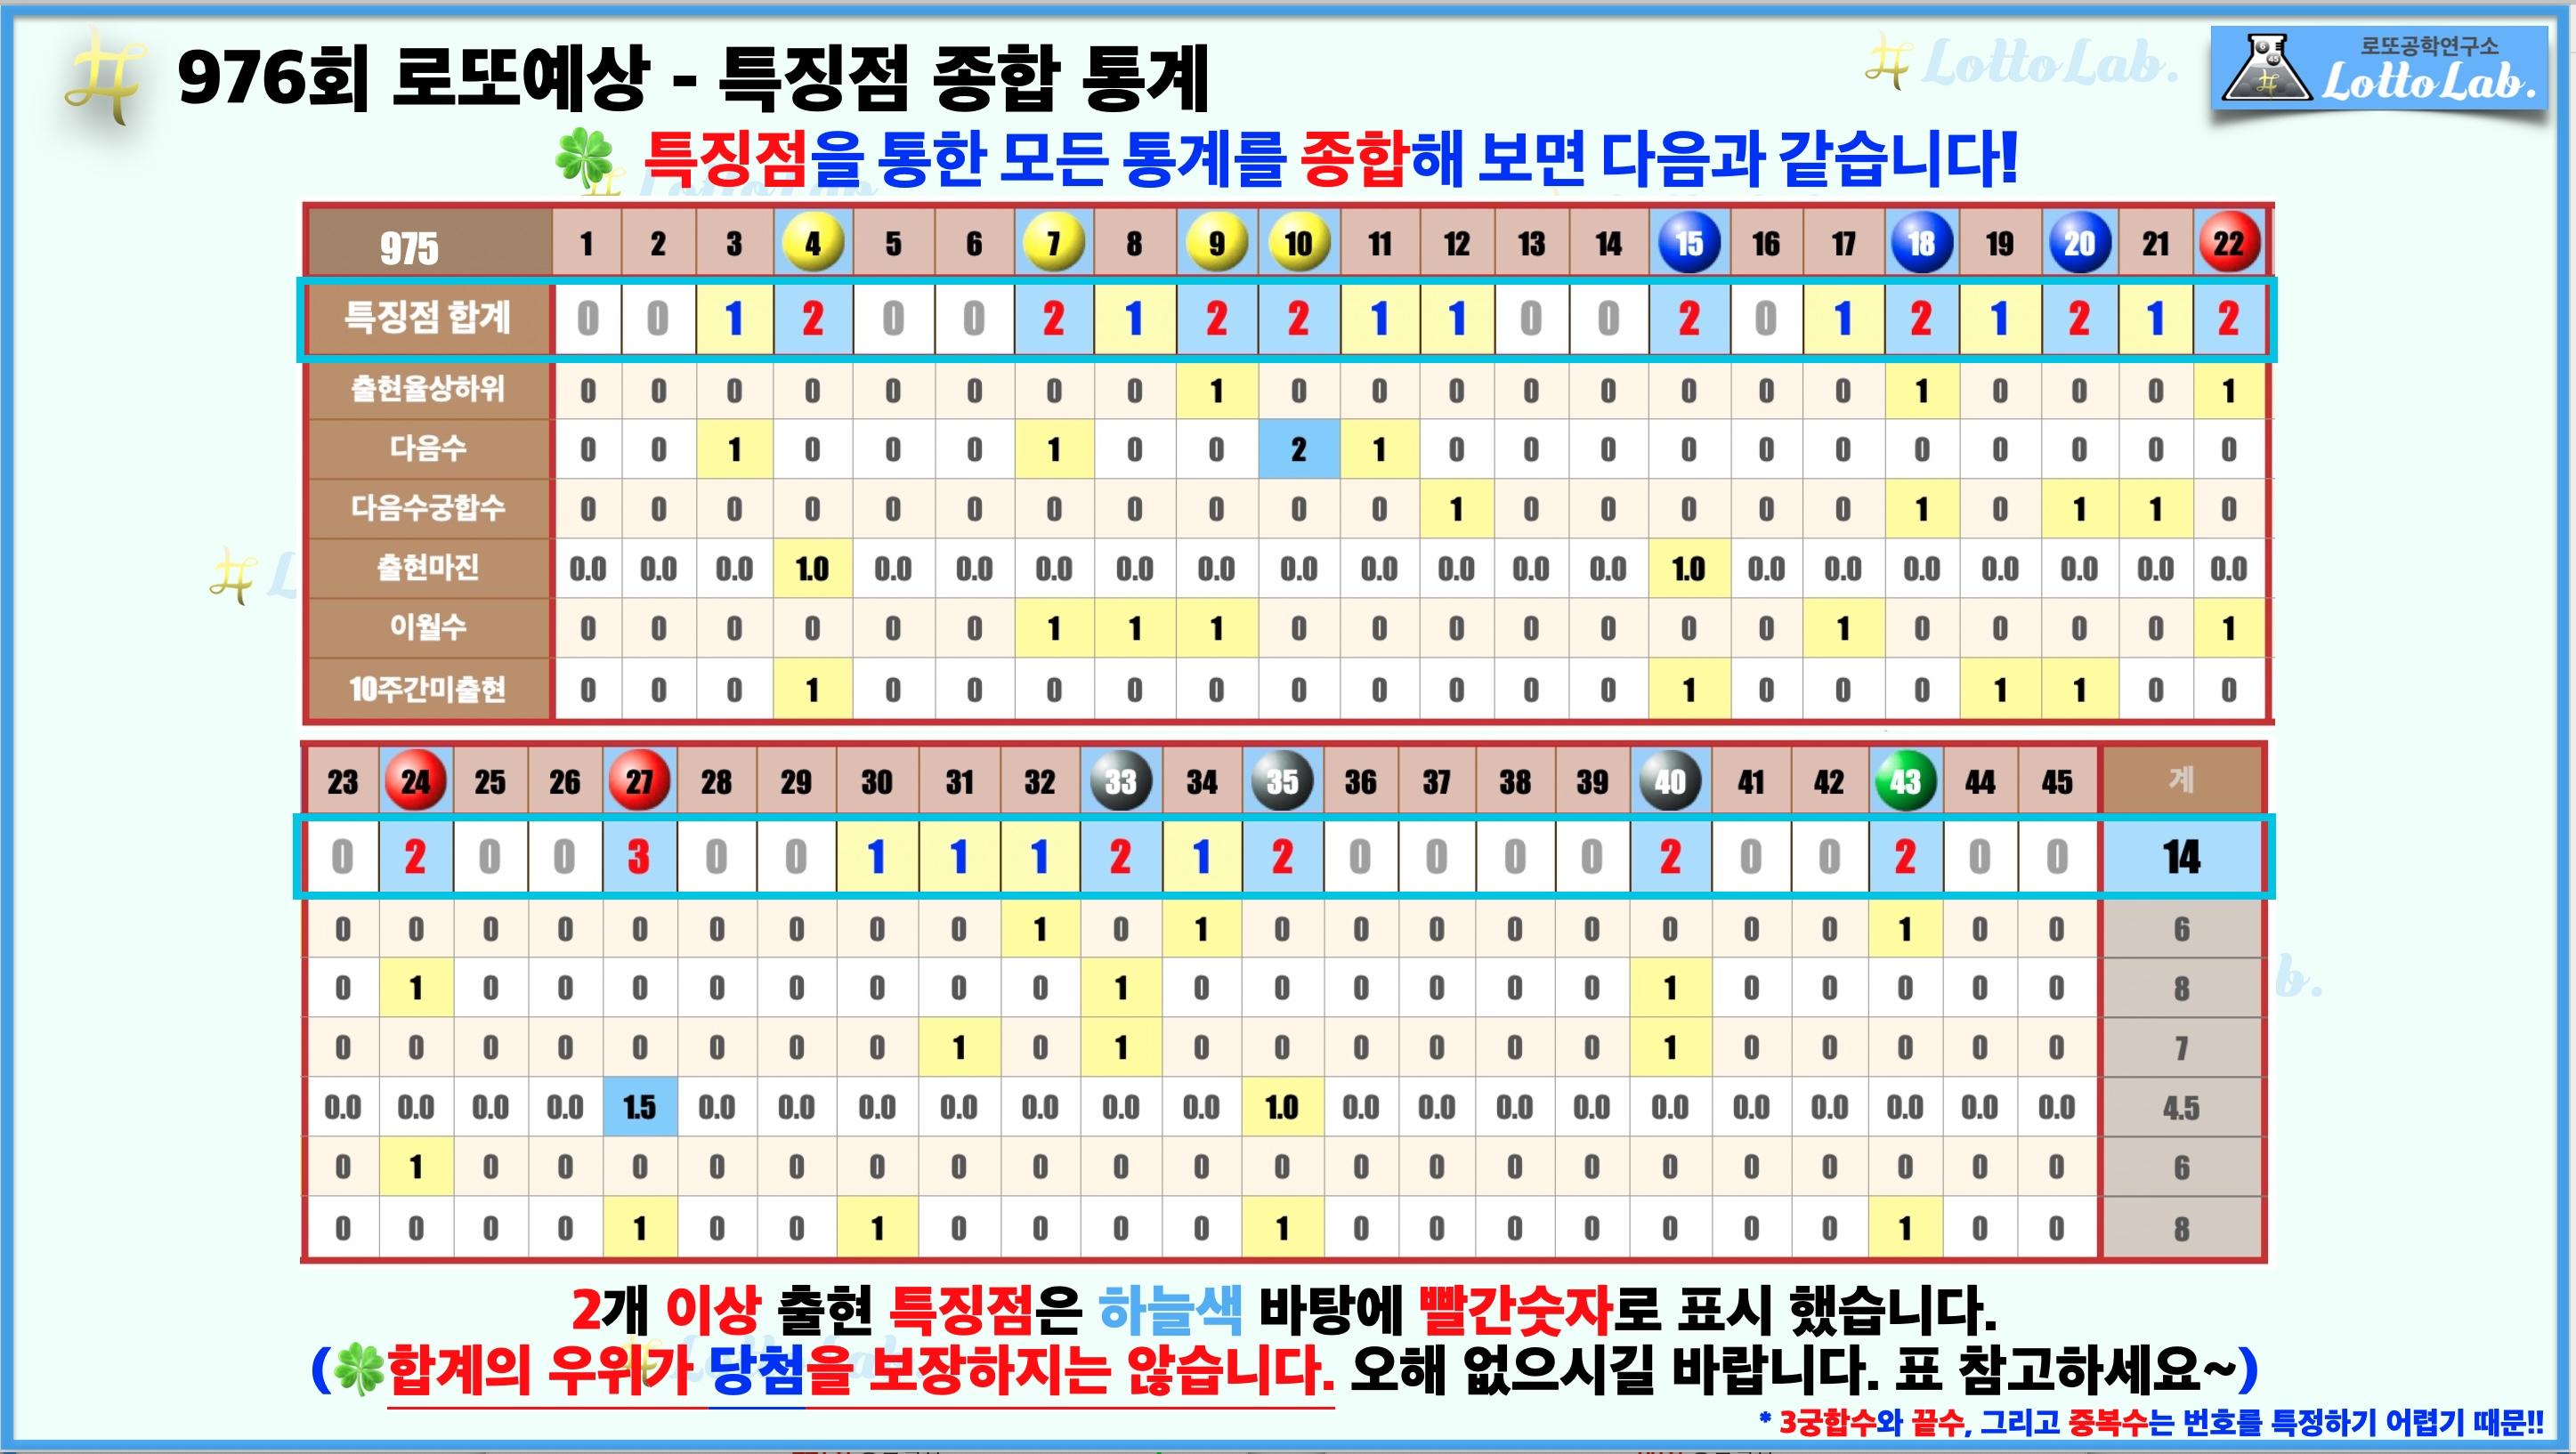 로또랩 로또976 당첨 번호 예상 - 종합 통계